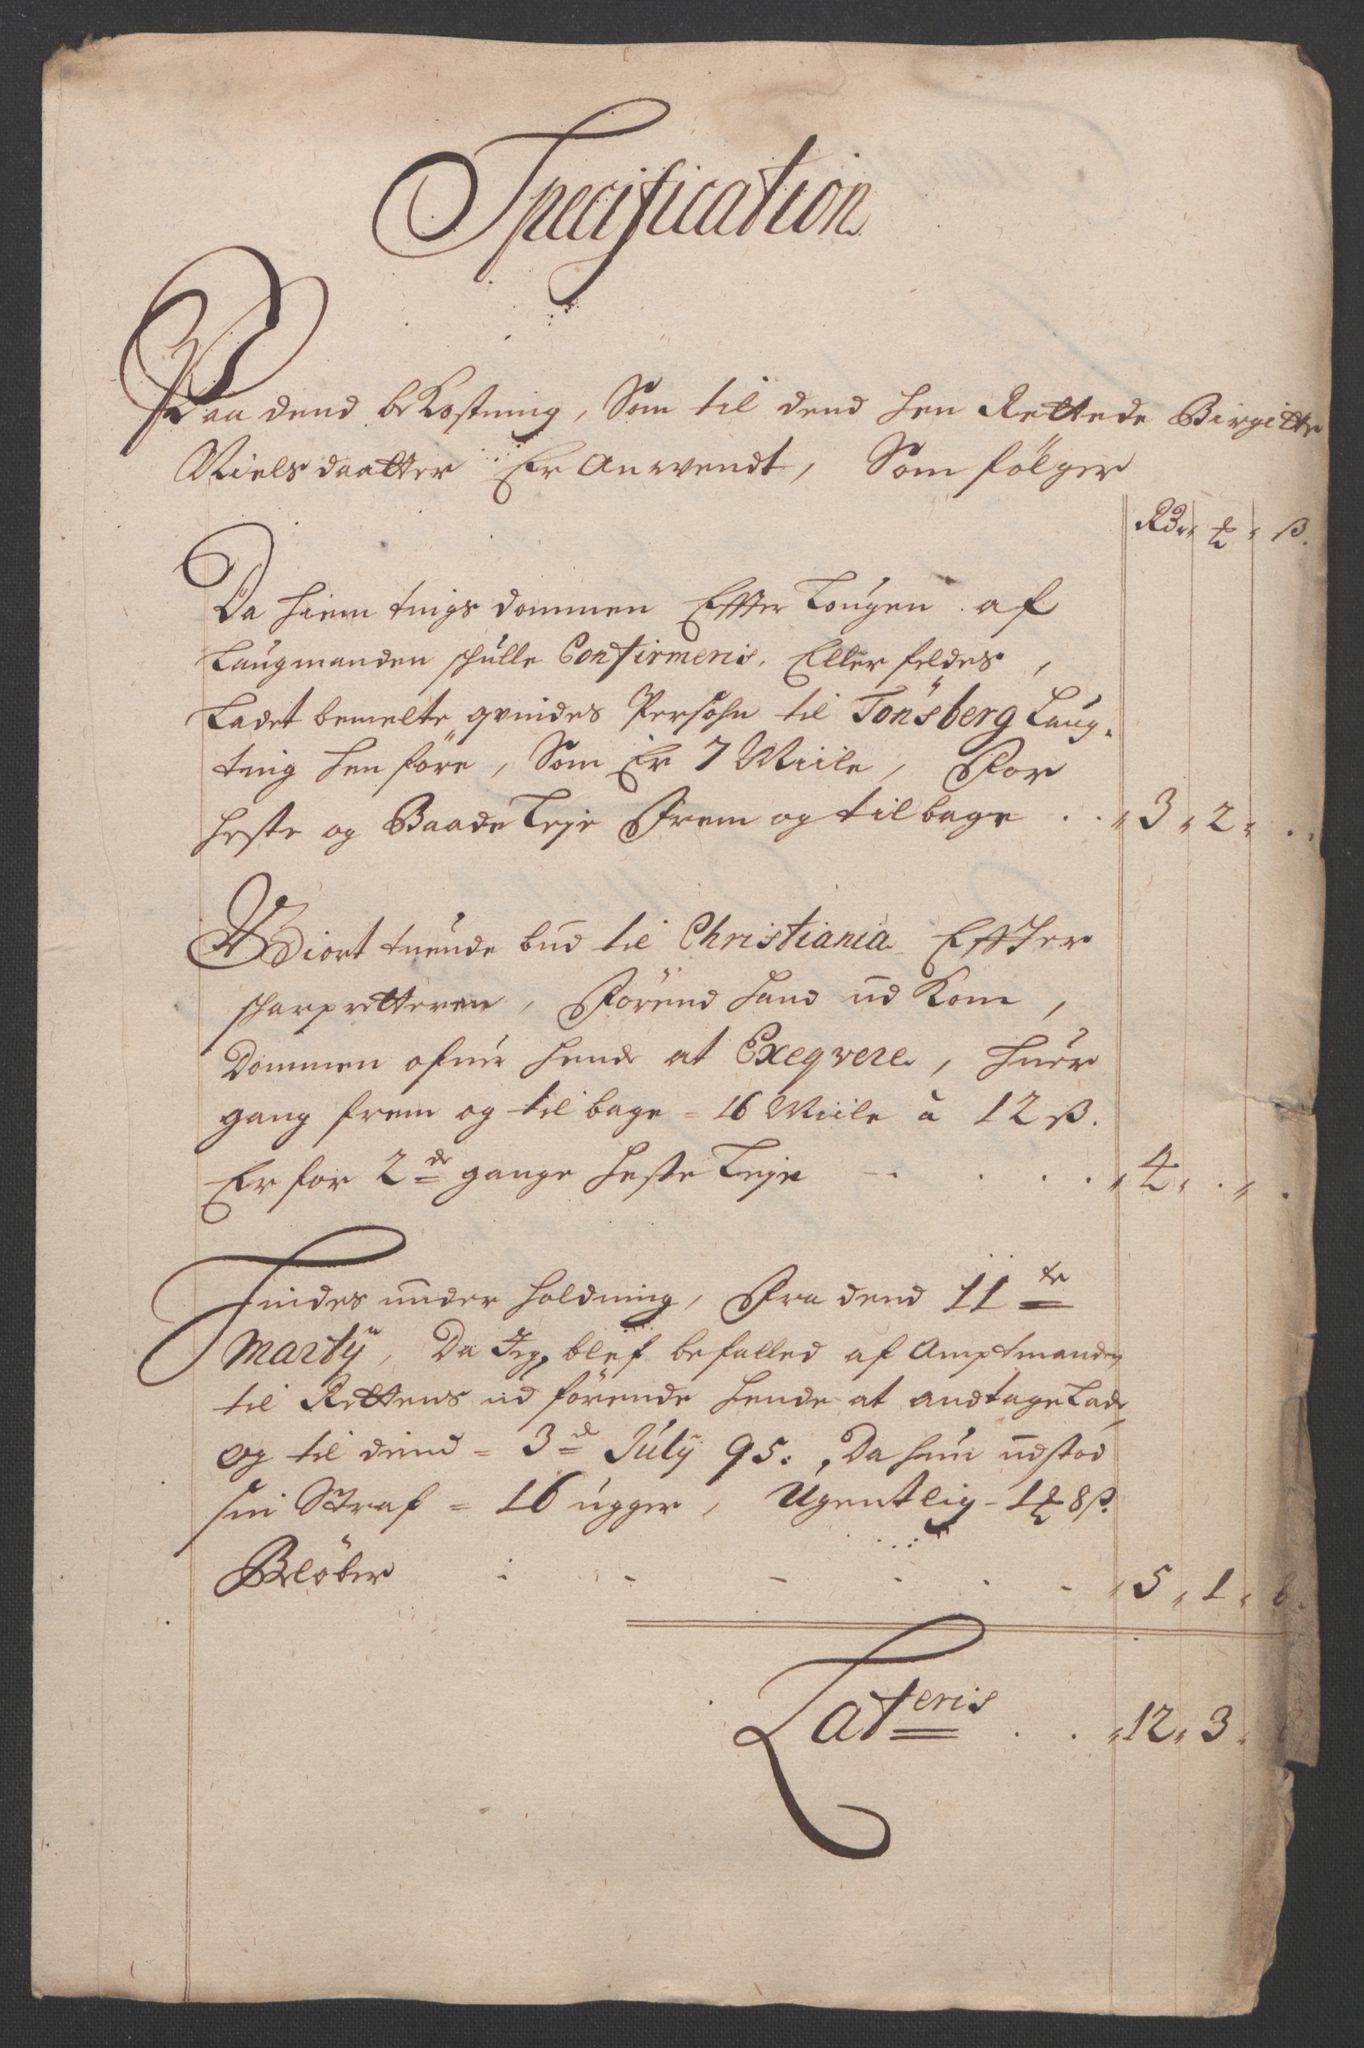 RA, Rentekammeret inntil 1814, Reviderte regnskaper, Fogderegnskap, R07/L0285: Fogderegnskap Rakkestad, Heggen og Frøland, 1695, s. 331